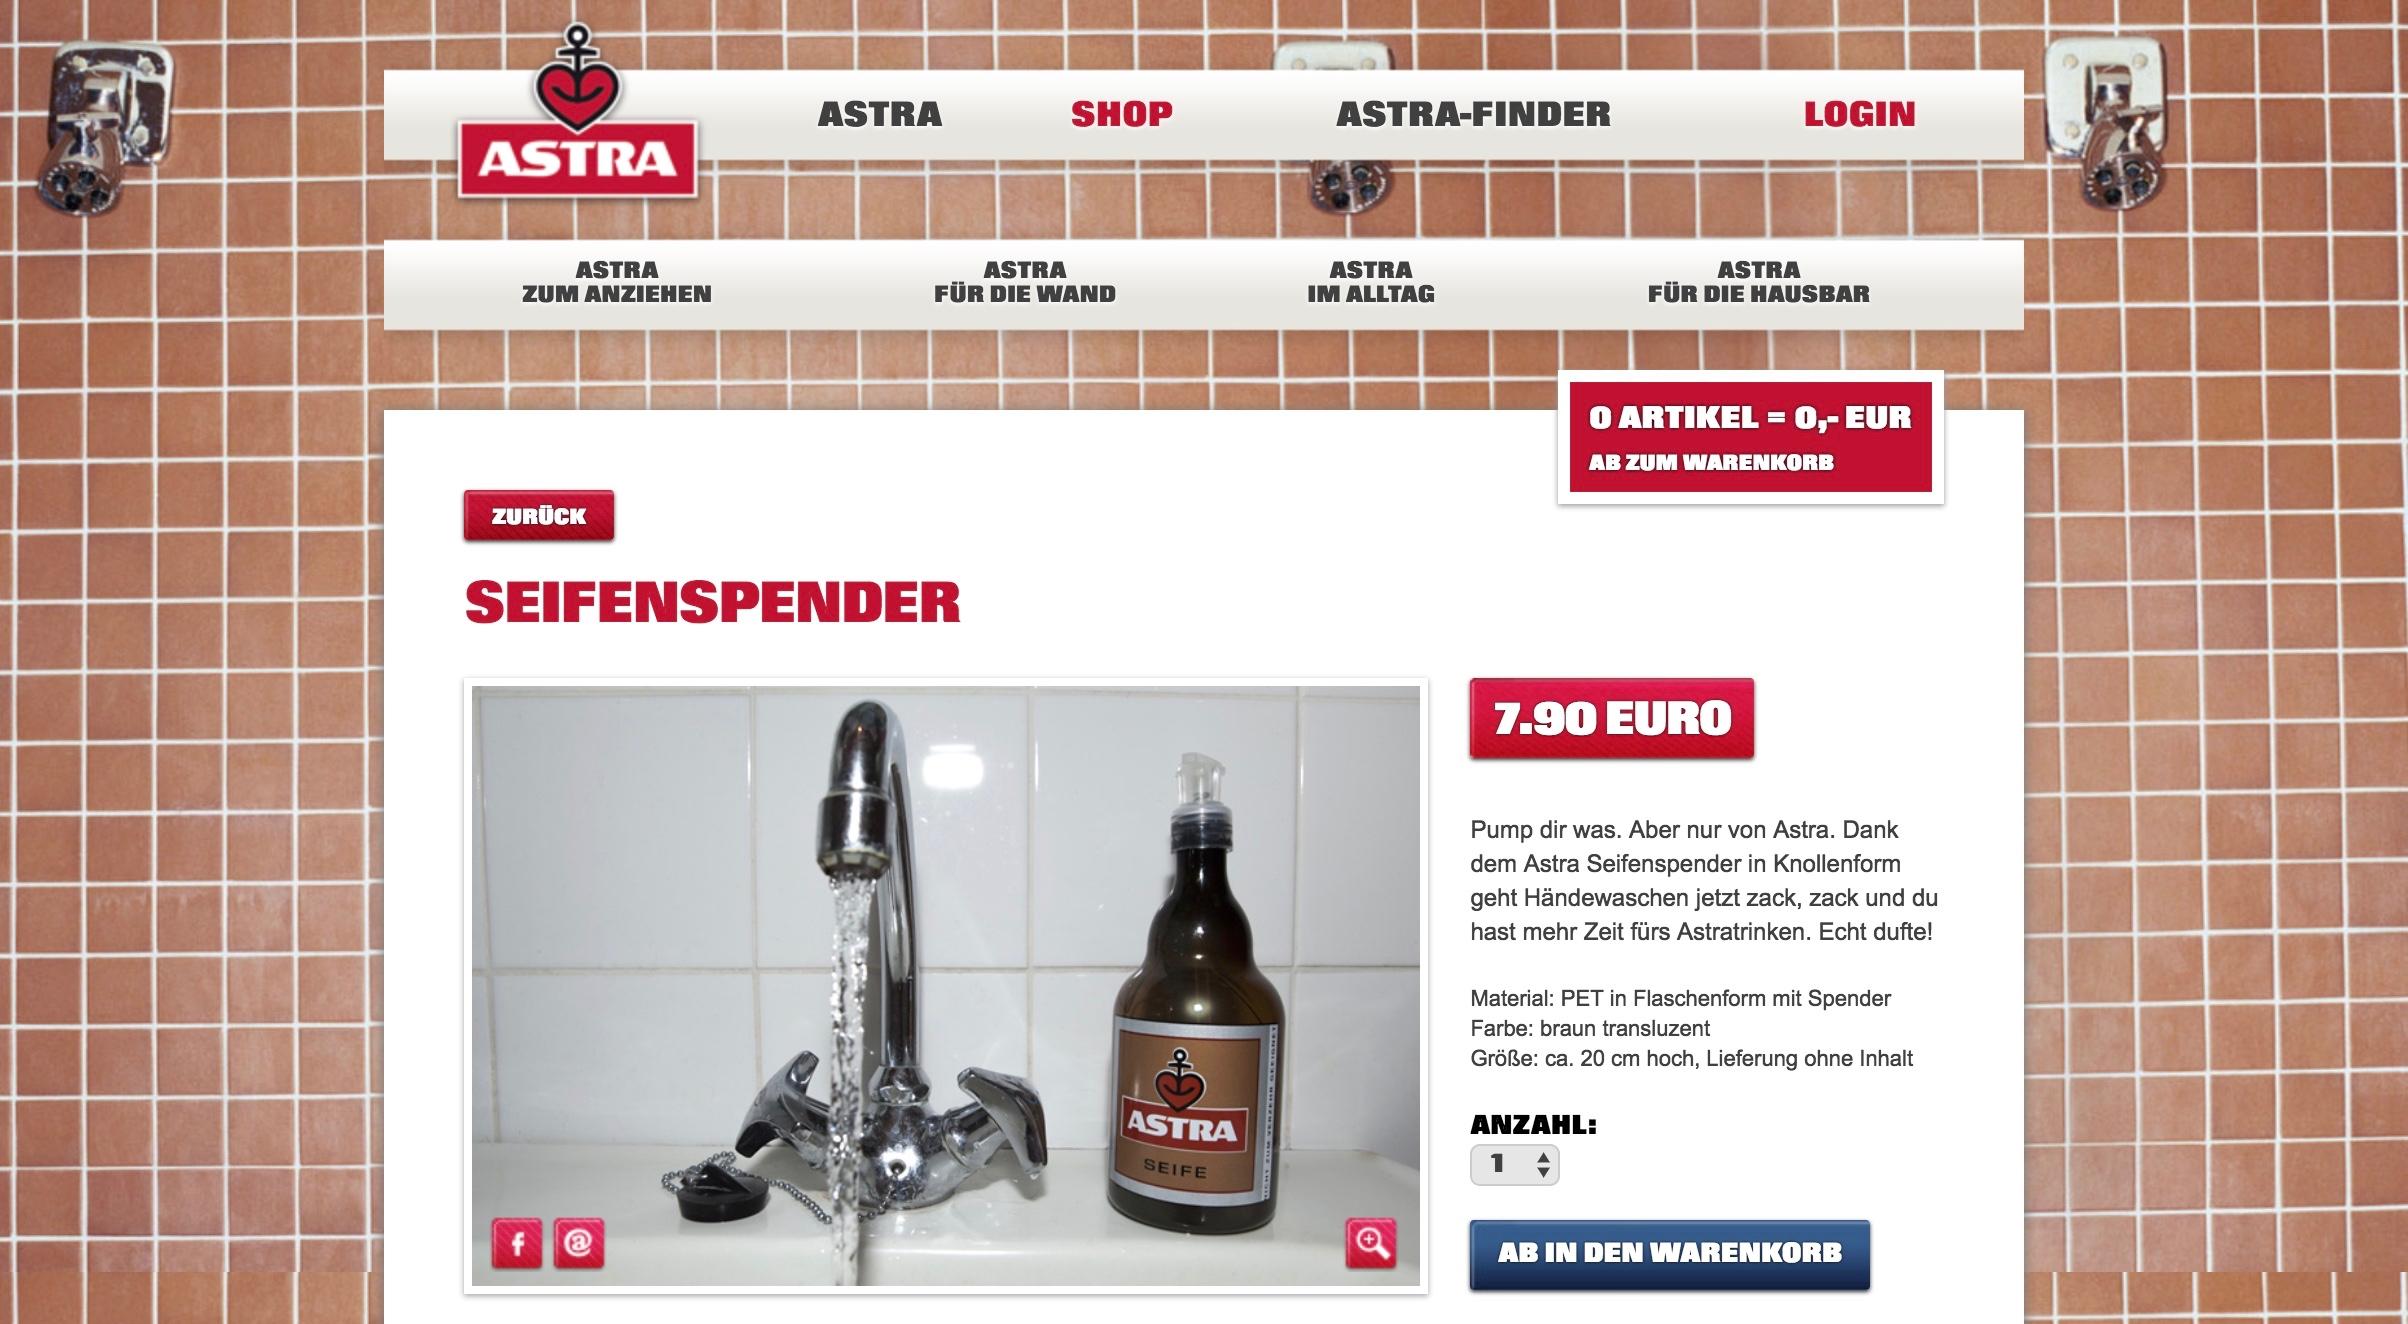 Astra Online Shop Seifenspender